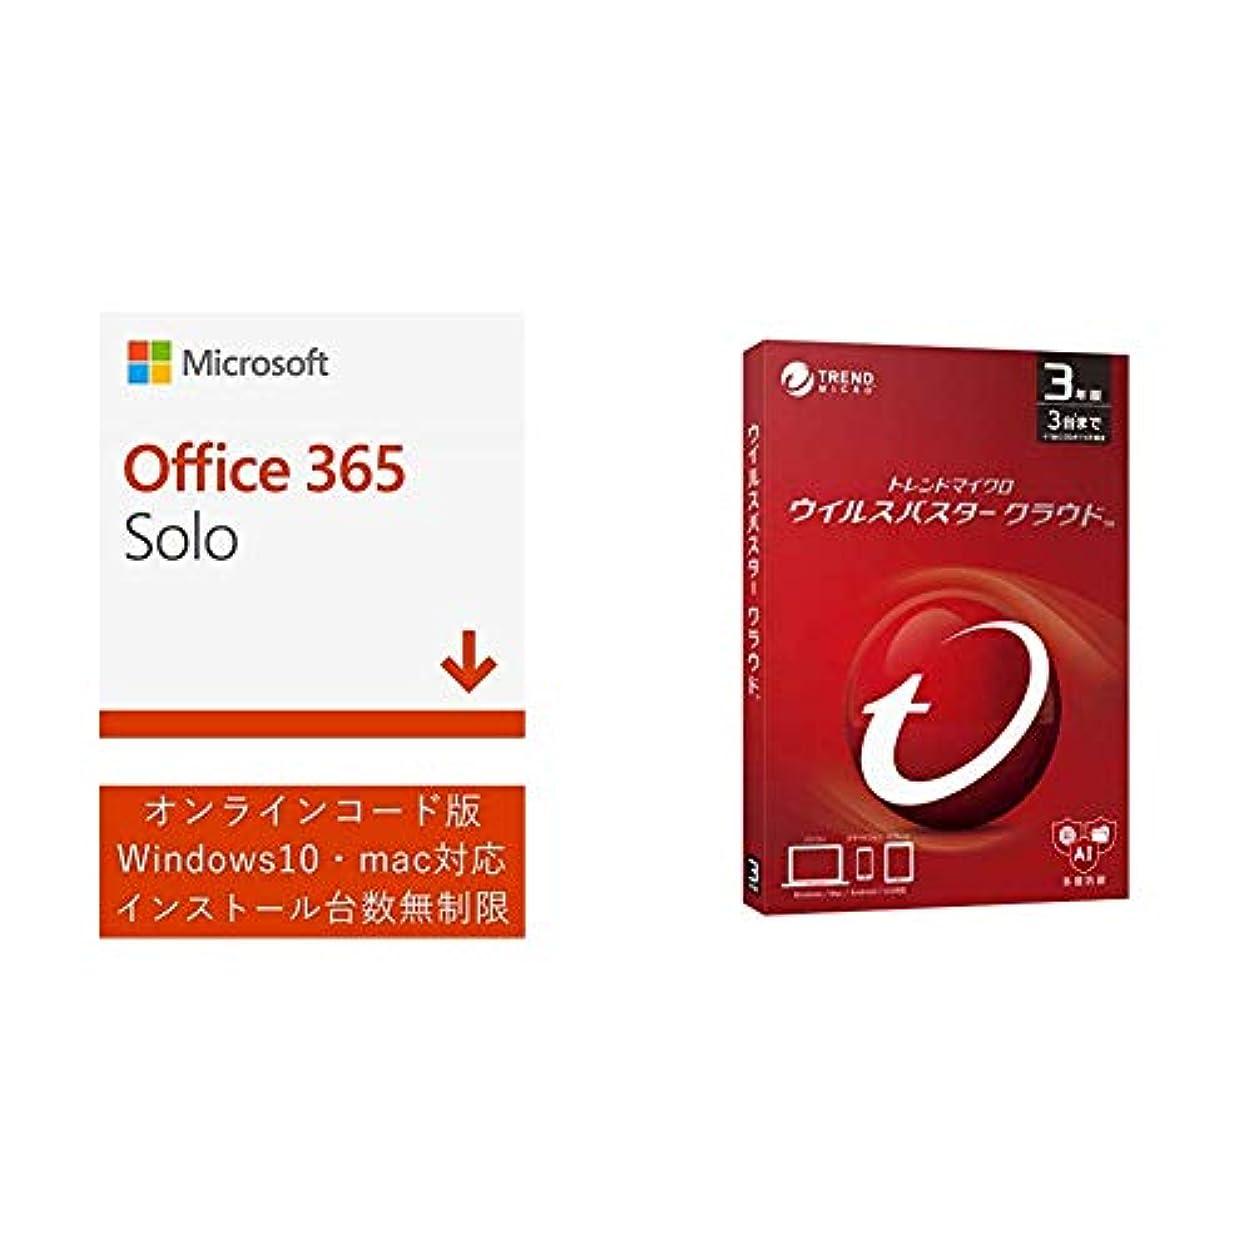 移行理解する資格情報【セット商品】Microsoft Office 365 Solo + ウイルスバスター クラウド (最新版) | 3年 3台版